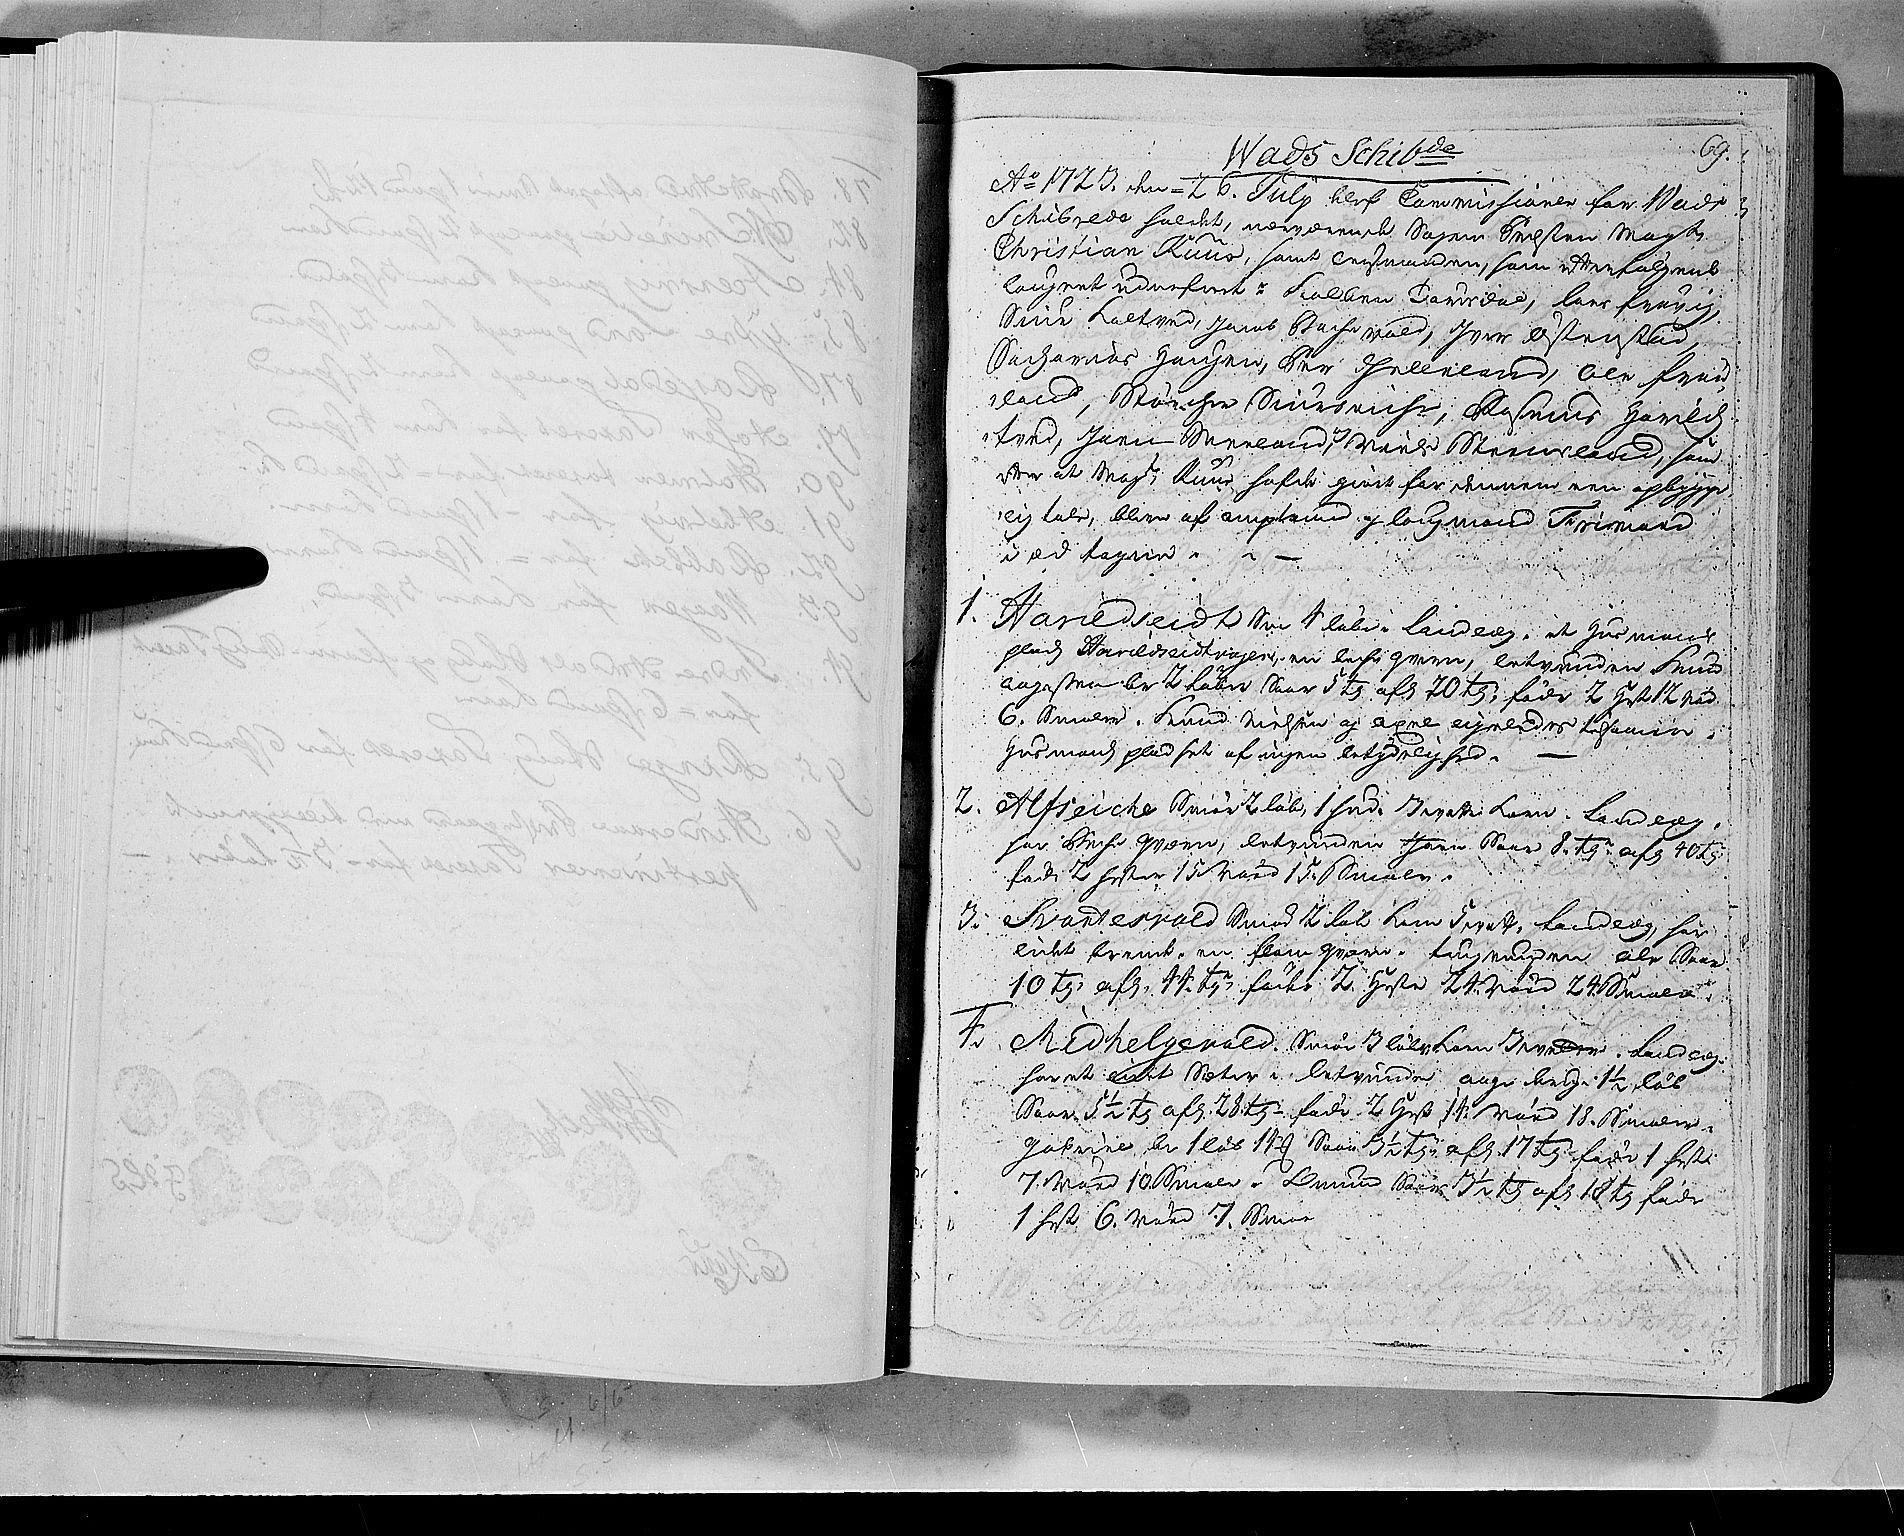 RA, Rentekammeret inntil 1814, Realistisk ordnet avdeling, N/Nb/Nbf/L0133a: Ryfylke eksaminasjonsprotokoll, 1723, s. 69a